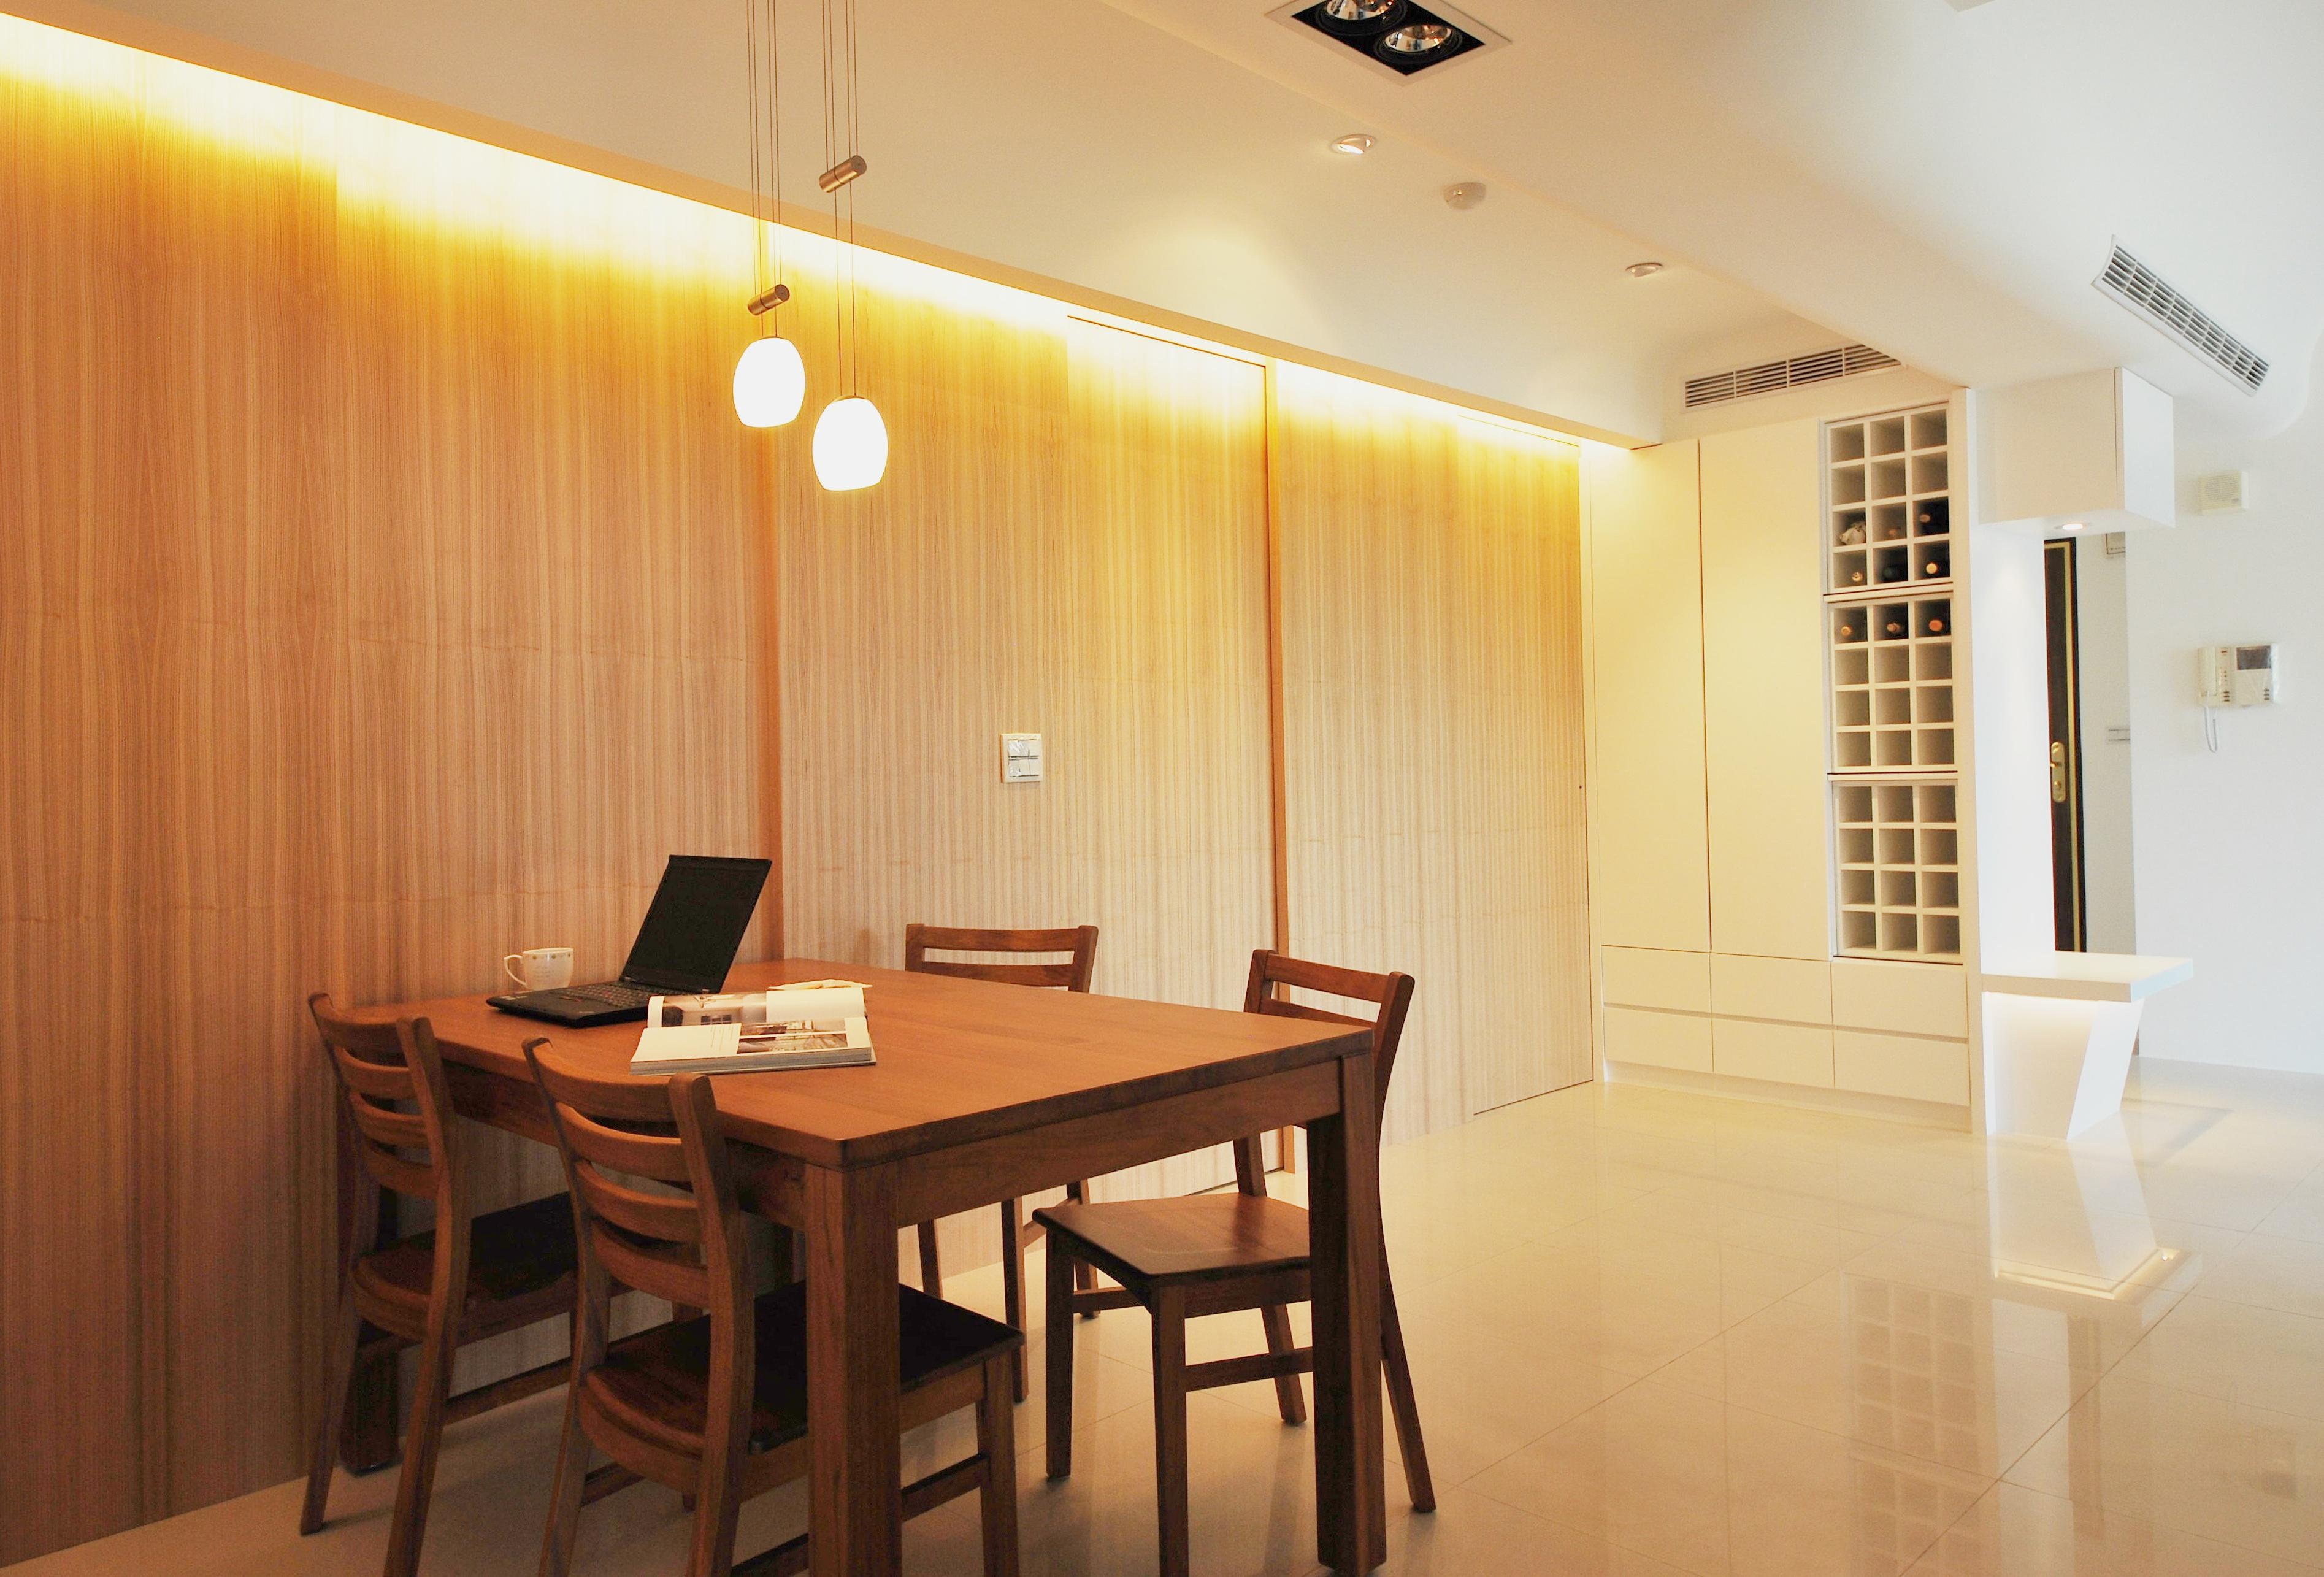 住宅設計現代簡約風-5